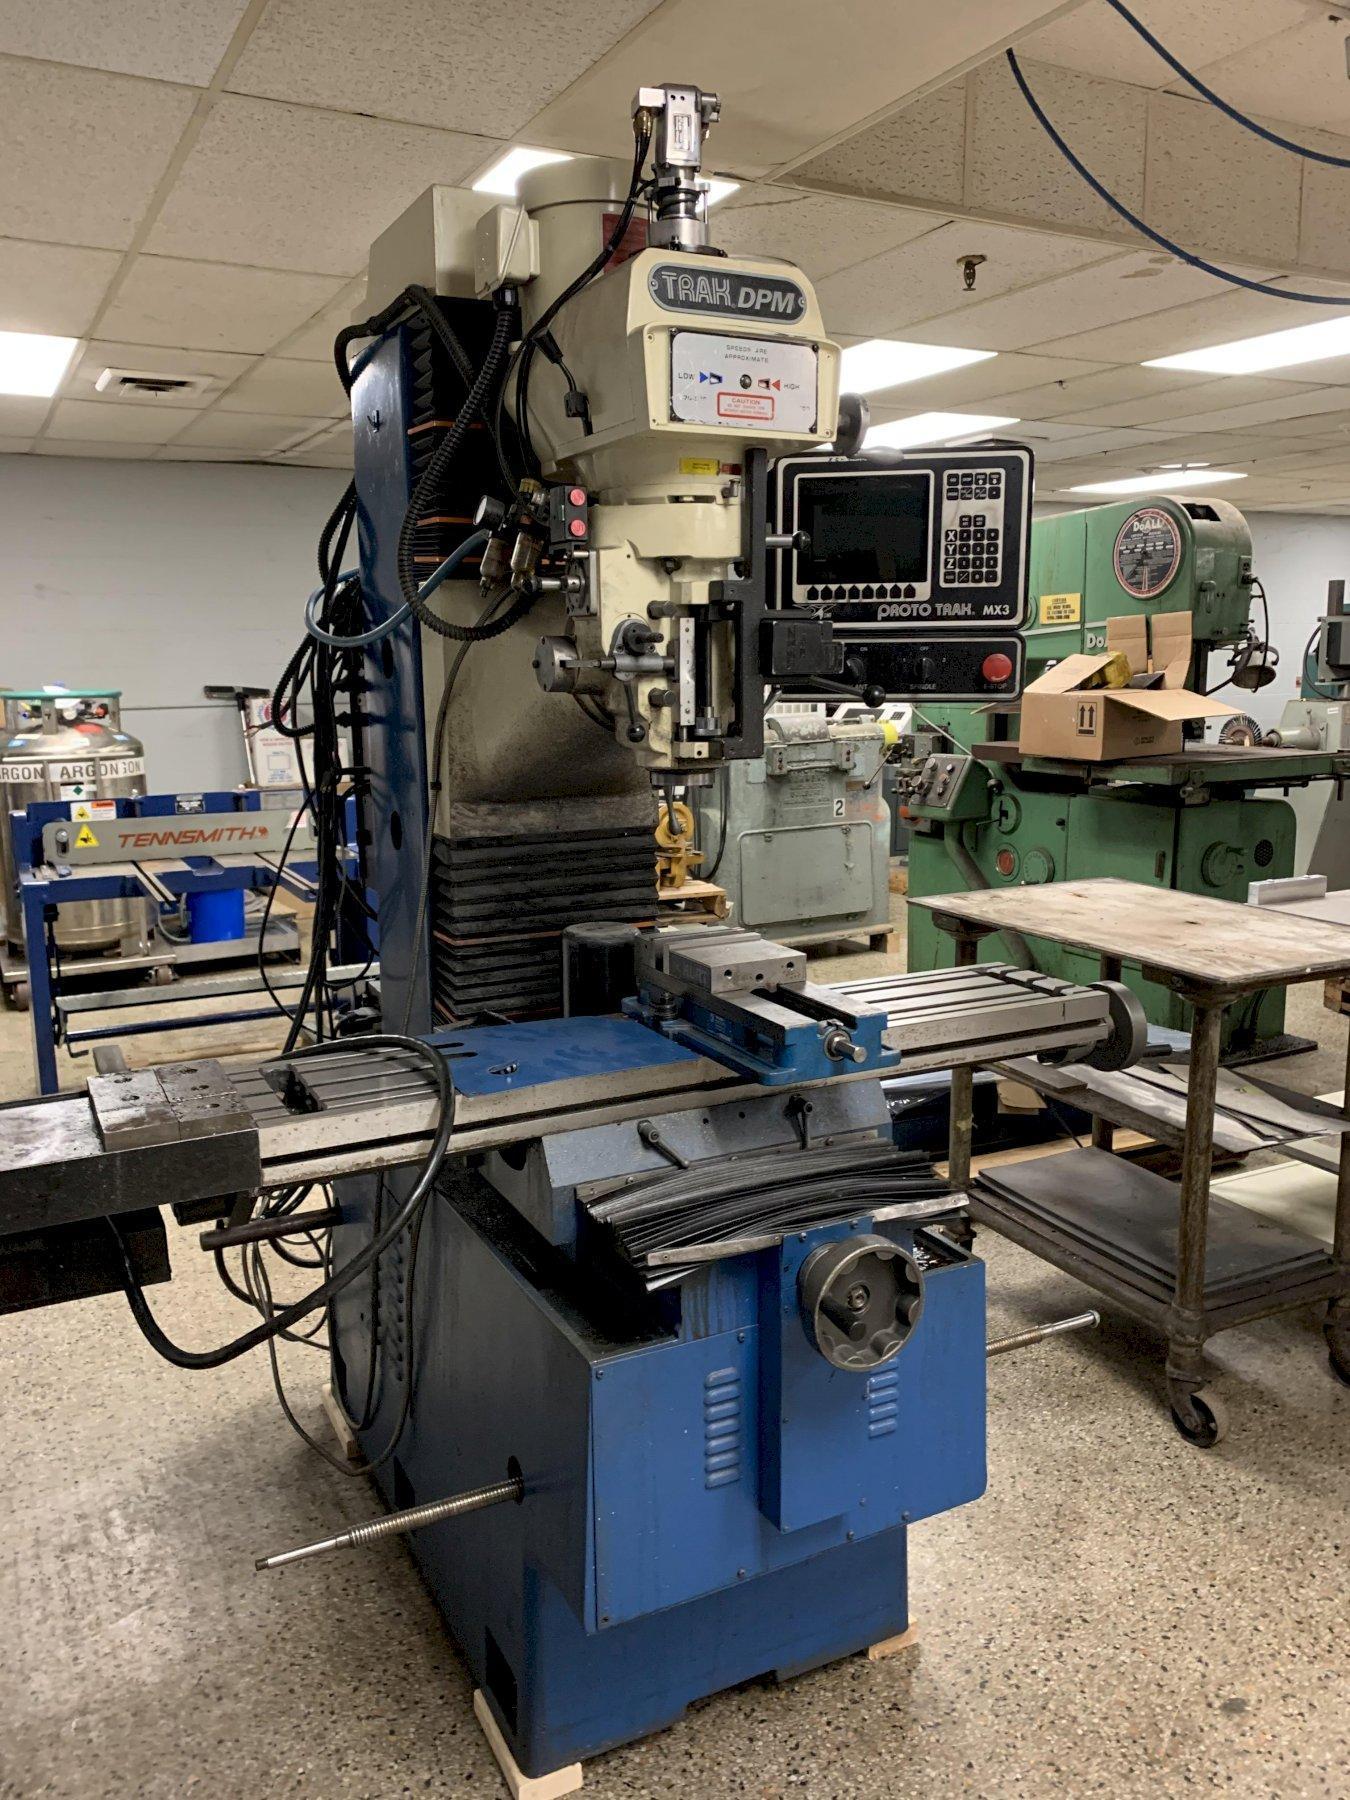 Trak DPM-3 CNC Bed Mill